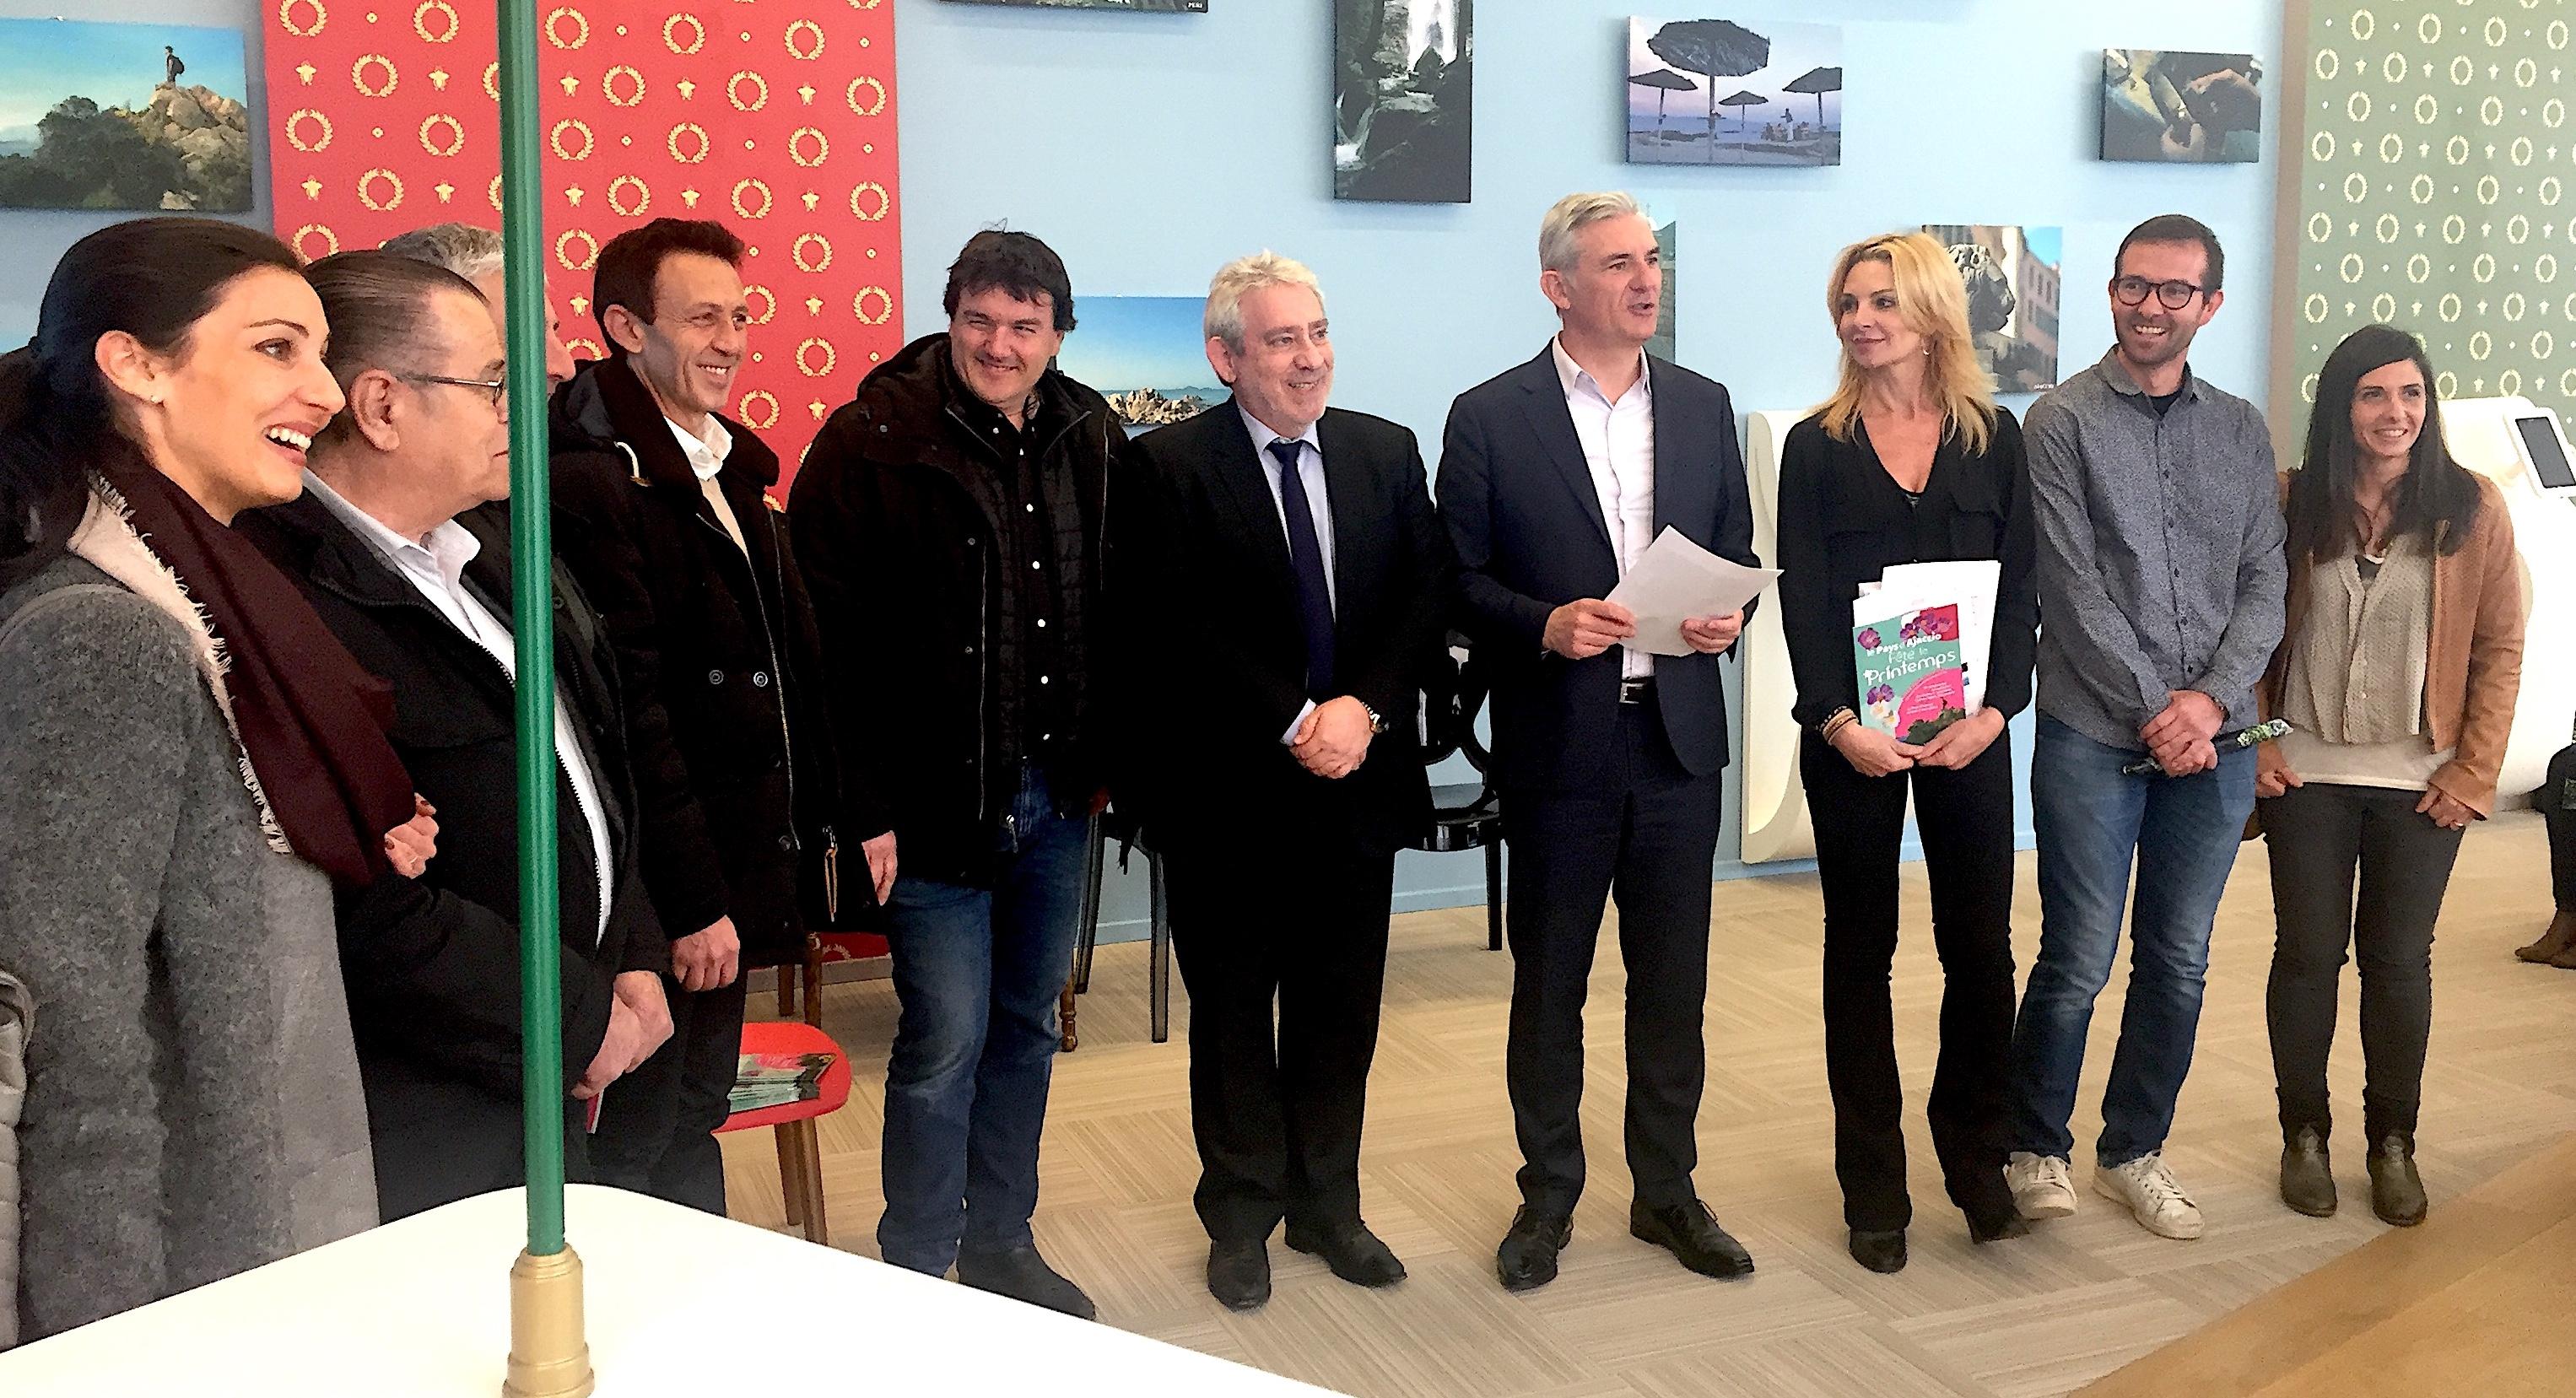 Le printemps ajaccio l 39 office intercommunal de tourisme propose une pl iade d animations - Ajaccio office de tourisme ...